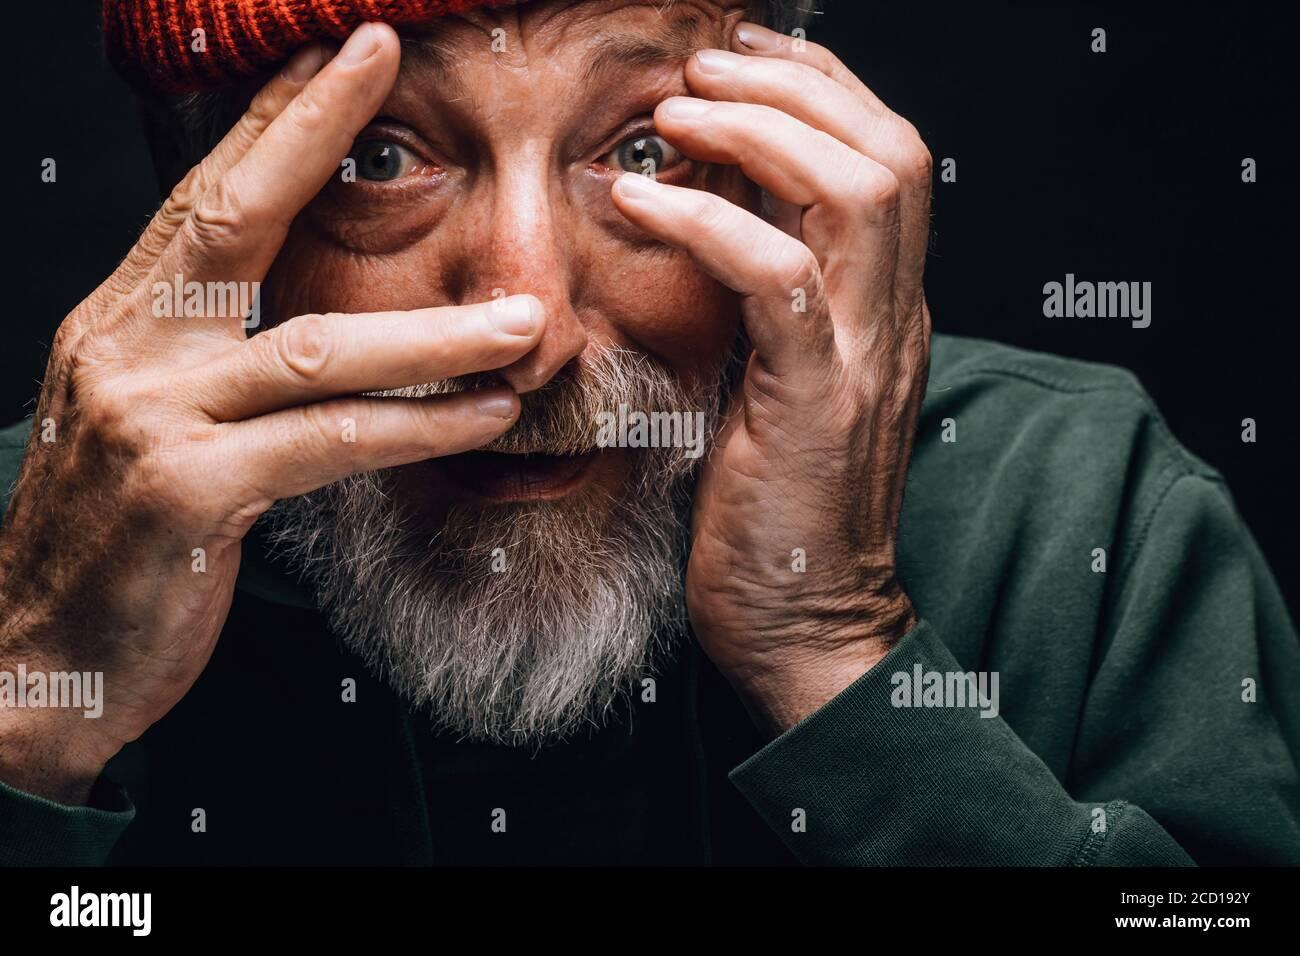 Un anciano barbudo hombre que se ve extremadamente sorprendido o asustado, protegiendo su cara con las manos, primer plano retrato de cara sobre fondo de estudio negro. Foto de stock